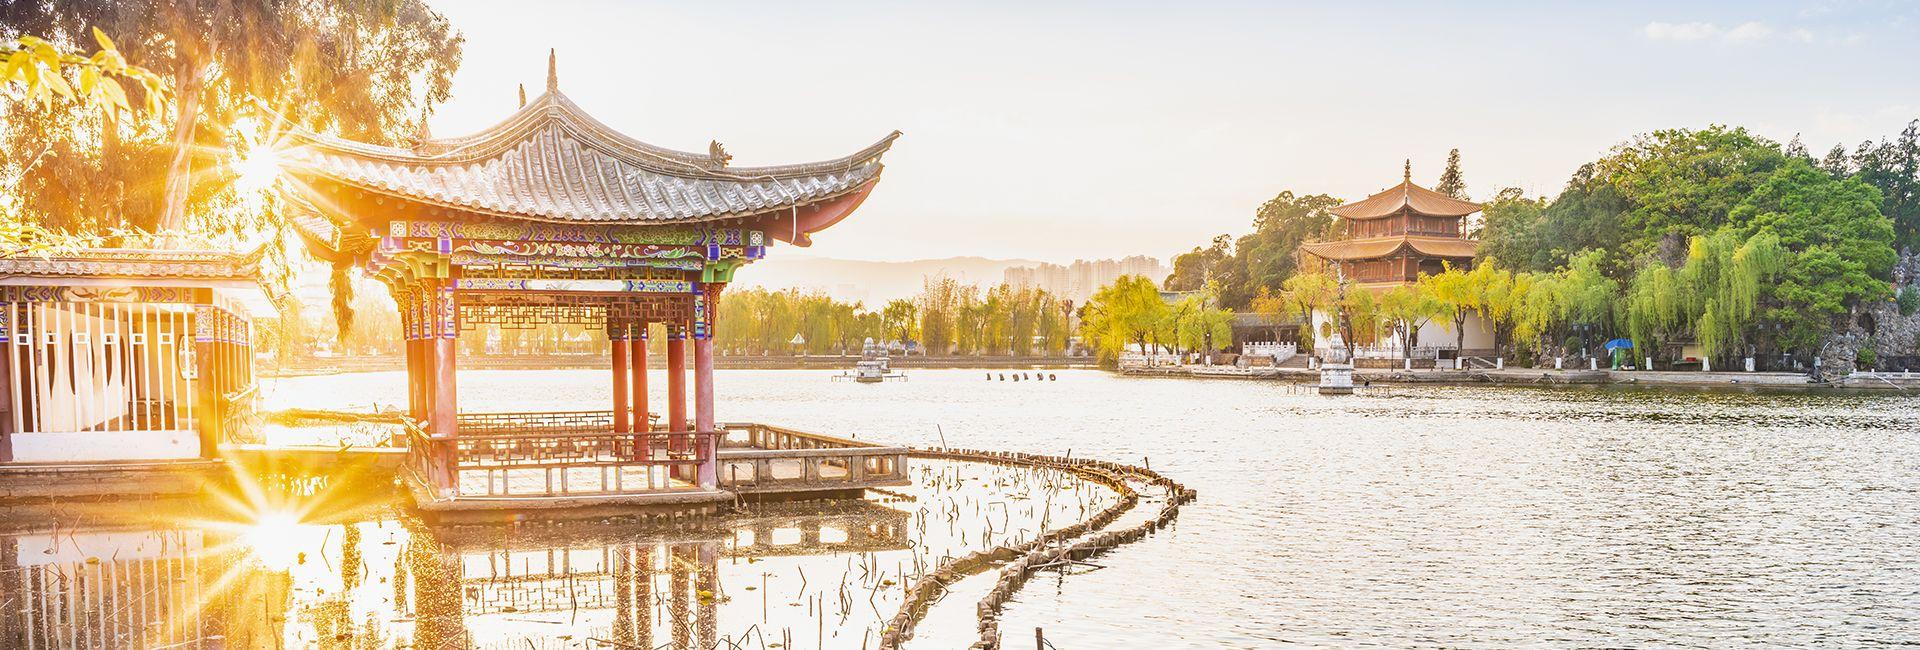 Kinh nghiệm du lịch Côn Minh từ A đến Z (2020)